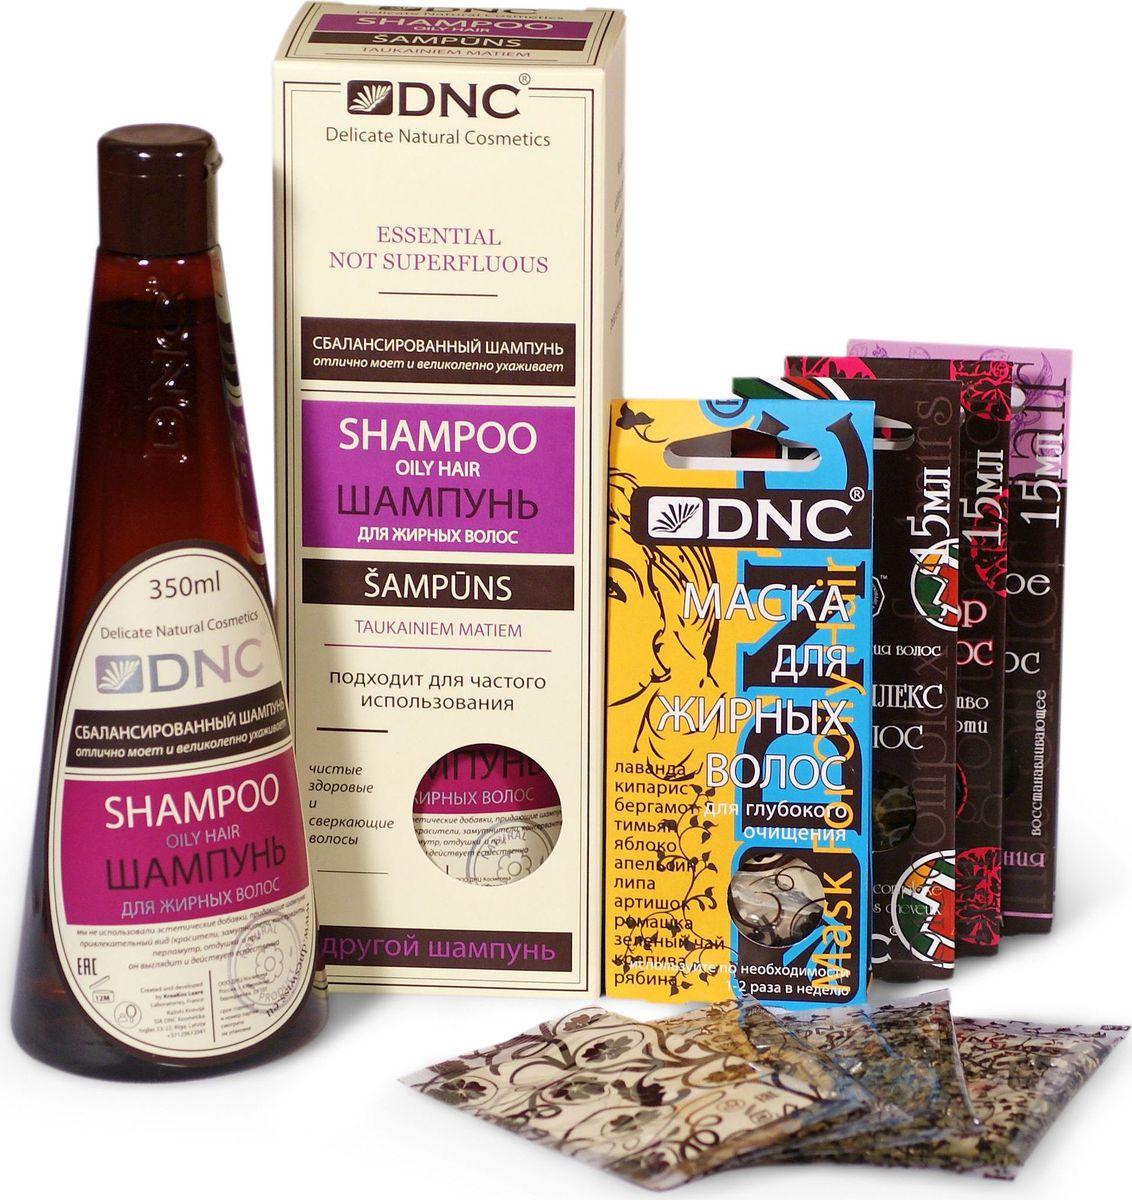 DNC Набор: Шампунь для жирных волос, 350 мл, маска для жирных волос, 3х15 мл, ореховое масло для волос против сечения, 15 мл, биокомплекс для волос против выпадения, 15 мл, активатор для волос против перхоти, 15 млMP59.4DАктиватор для волос против перхоти: Активатор содержит репейное масло, способствующее росту волос, а также касторовое масло, оказывающее смягчающее действие на кожу головы, и укрепляющее корни волос. Также масло содержит витамин А, который также выравнивает структуру волос, делая их послушными и сильными, и устраняет сухость. Витамин В5 уменьшает риск выпадения волос и укрепляет корни. Защищает волосы и насыщает их необходимыми витаминами, восстанавливает структуру волос, избавляет их от перхоти, способствуя росту здоровых и сильных волос. Биокомплекс для волос против выпадения: Эффективное биоактивное средство против выпадения волос. Содержит необходимые для волос экстракты лекарственных растений, d-pantenol и витамины А, Е и F, которые обеспечивают кровоснабжение волосяных луковиц и стимулируют рост волос. Биоактивный комплекс обладает сильным регенерирующим эффектом, насыщает волосы и кожу головы влагой и ценными питательными веществами, делая волосы более мягкими и послушными. Ореховое масло для волос против сечения: Состав быстро впитывается в волосы, одновременно восстанавливая и укрепляя их структуру. Ореховое Масло создает тонкую оболочку, позволяющую волосам сохранить влагу и обеспечивающую защиту, и питание волос по всей длине. При регулярном применении, Ореховое Масло эффективно борется с проблемой секущихся концов, укрепляя структуру волос, придавая им здоровый вид и делая их более мягкими и послушными. МАСКА для жирных волос: Очищает волосы и кожу головы. Значительно снижает активность сальных желез. Эффективность маски обеспечивает сбалансированная система из эфирных масел, растительных экстрактов и абсорбирующей глиняной основы. Комплекс разработан для максимально долгого контроля над избыточной жирностью волос. Шампунь для Жирных Вол